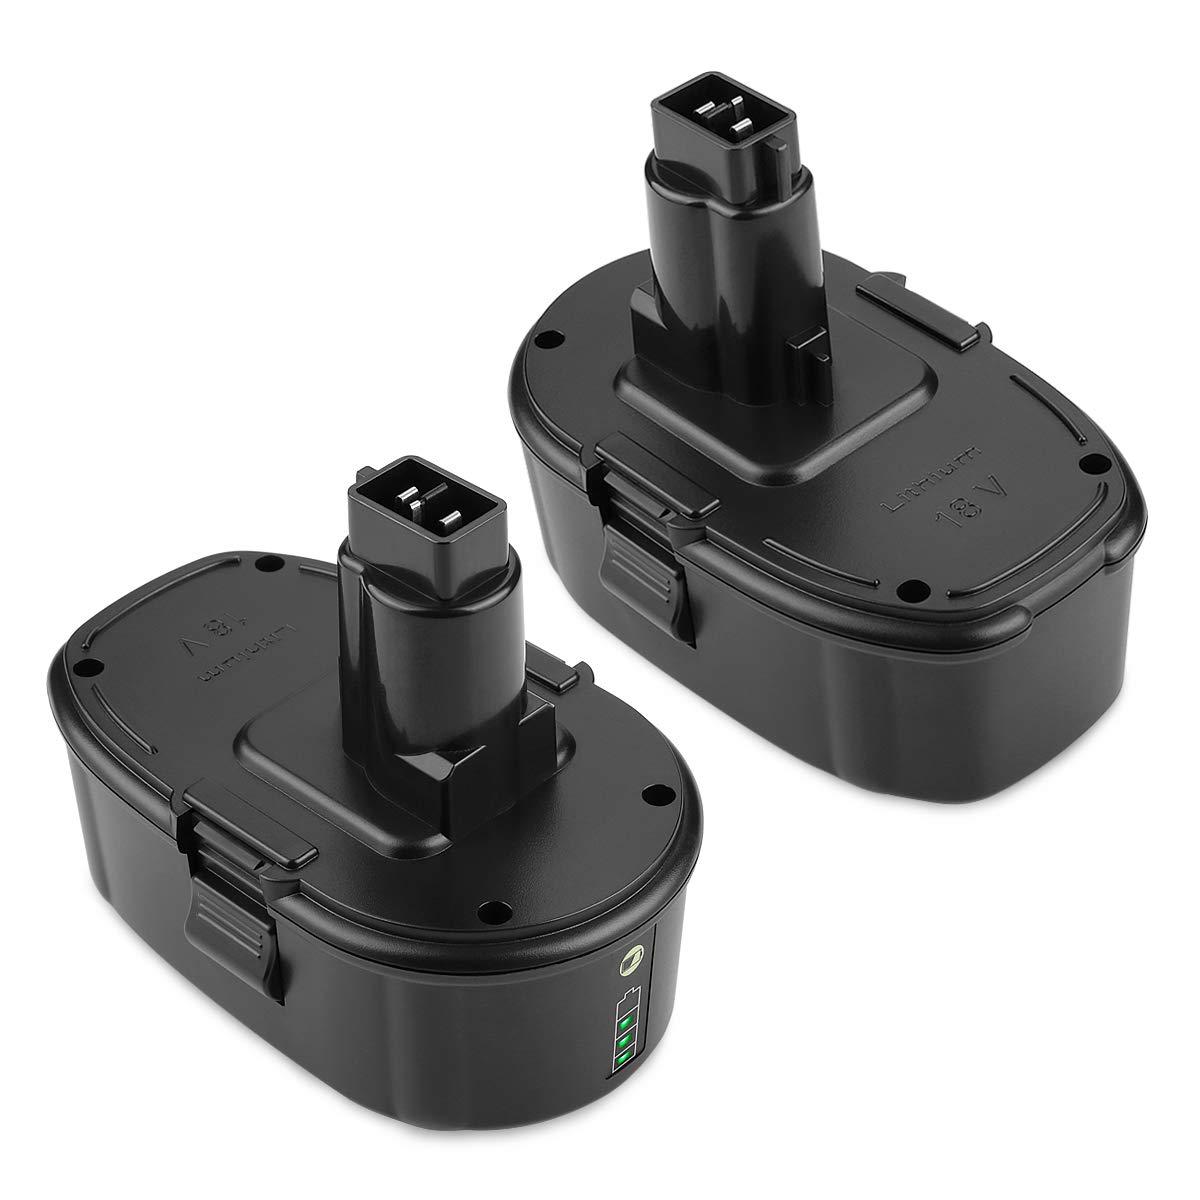 [Upgraded] ANTRobut 5000mAh Replacement for 18V XRP Li-ion Dewalt 18V battery Dewalt DC9096 DC9098 DC9099 DE9039 DE9095 DE9096 DE9098 DW9095 DW9096 DW9098 DE9503 DC9182 Dewalt 18Volt Batteries(2Pack)